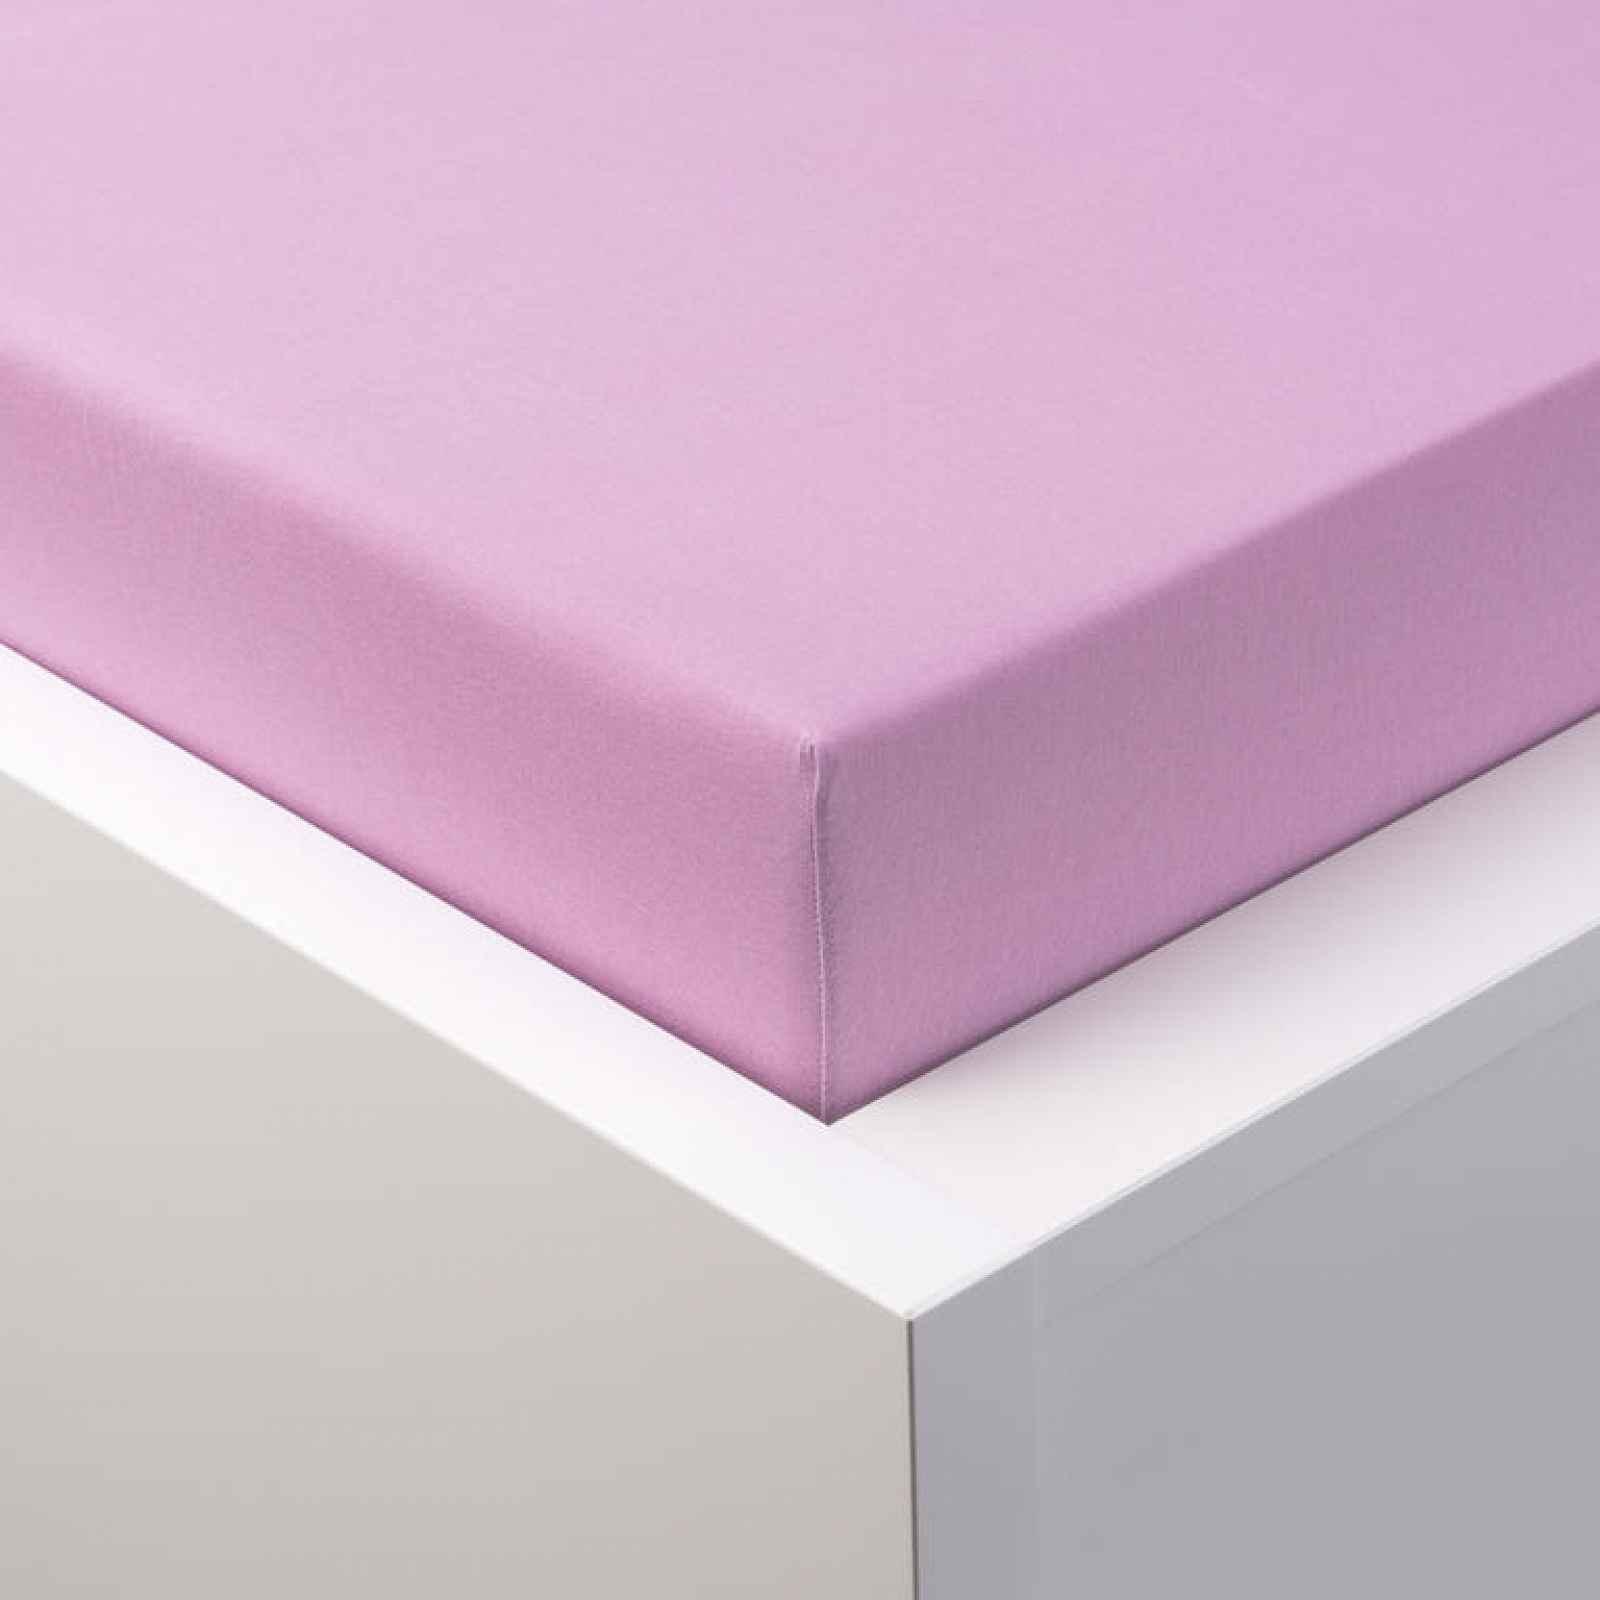 Hermann Cotton Napínací prostěradlo jersey s elastanem světle fialové 180 x 200 cm